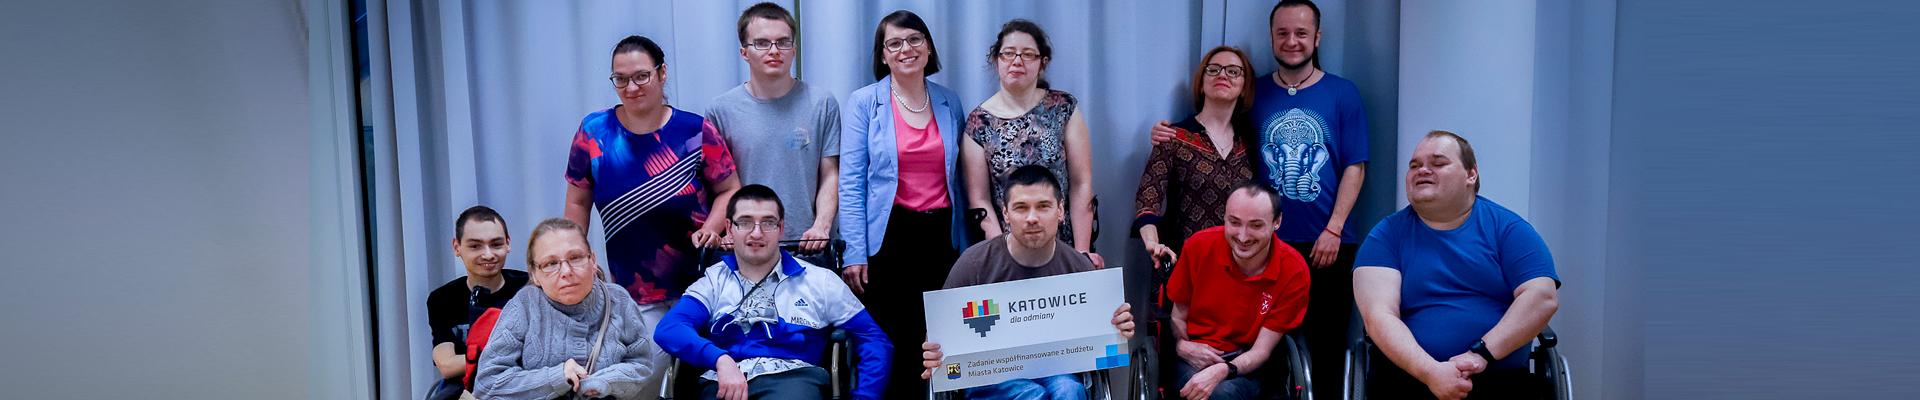 Efekty naszej weekendowej pracy! Warsztaty SEE THE SOUND na poziomie podstawowym dla grupy osób niepełnosprawnych.